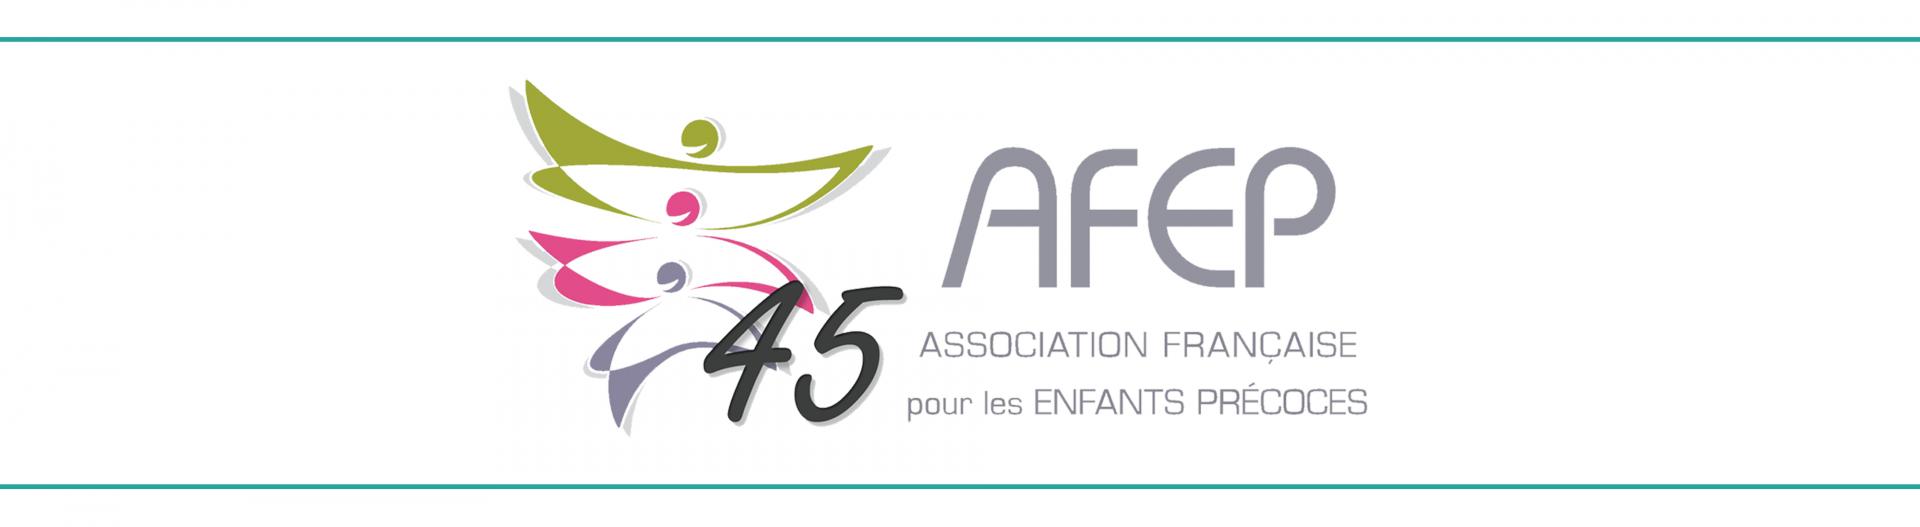 AFEP 45